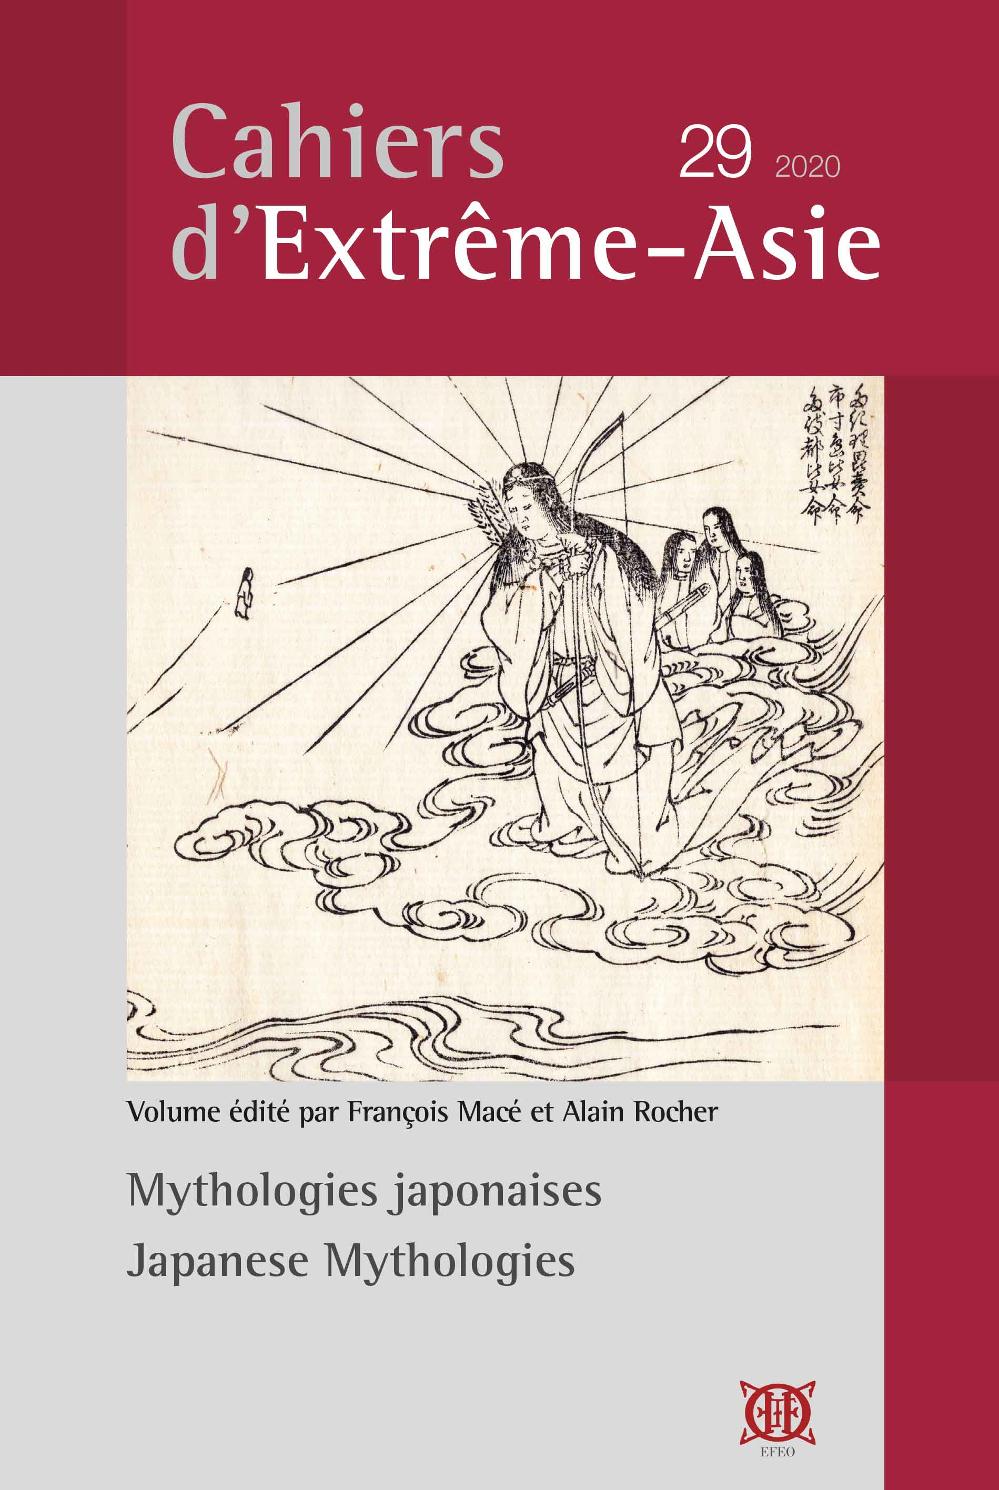 Cahiers d'Extrême-Asie 29 (2020)